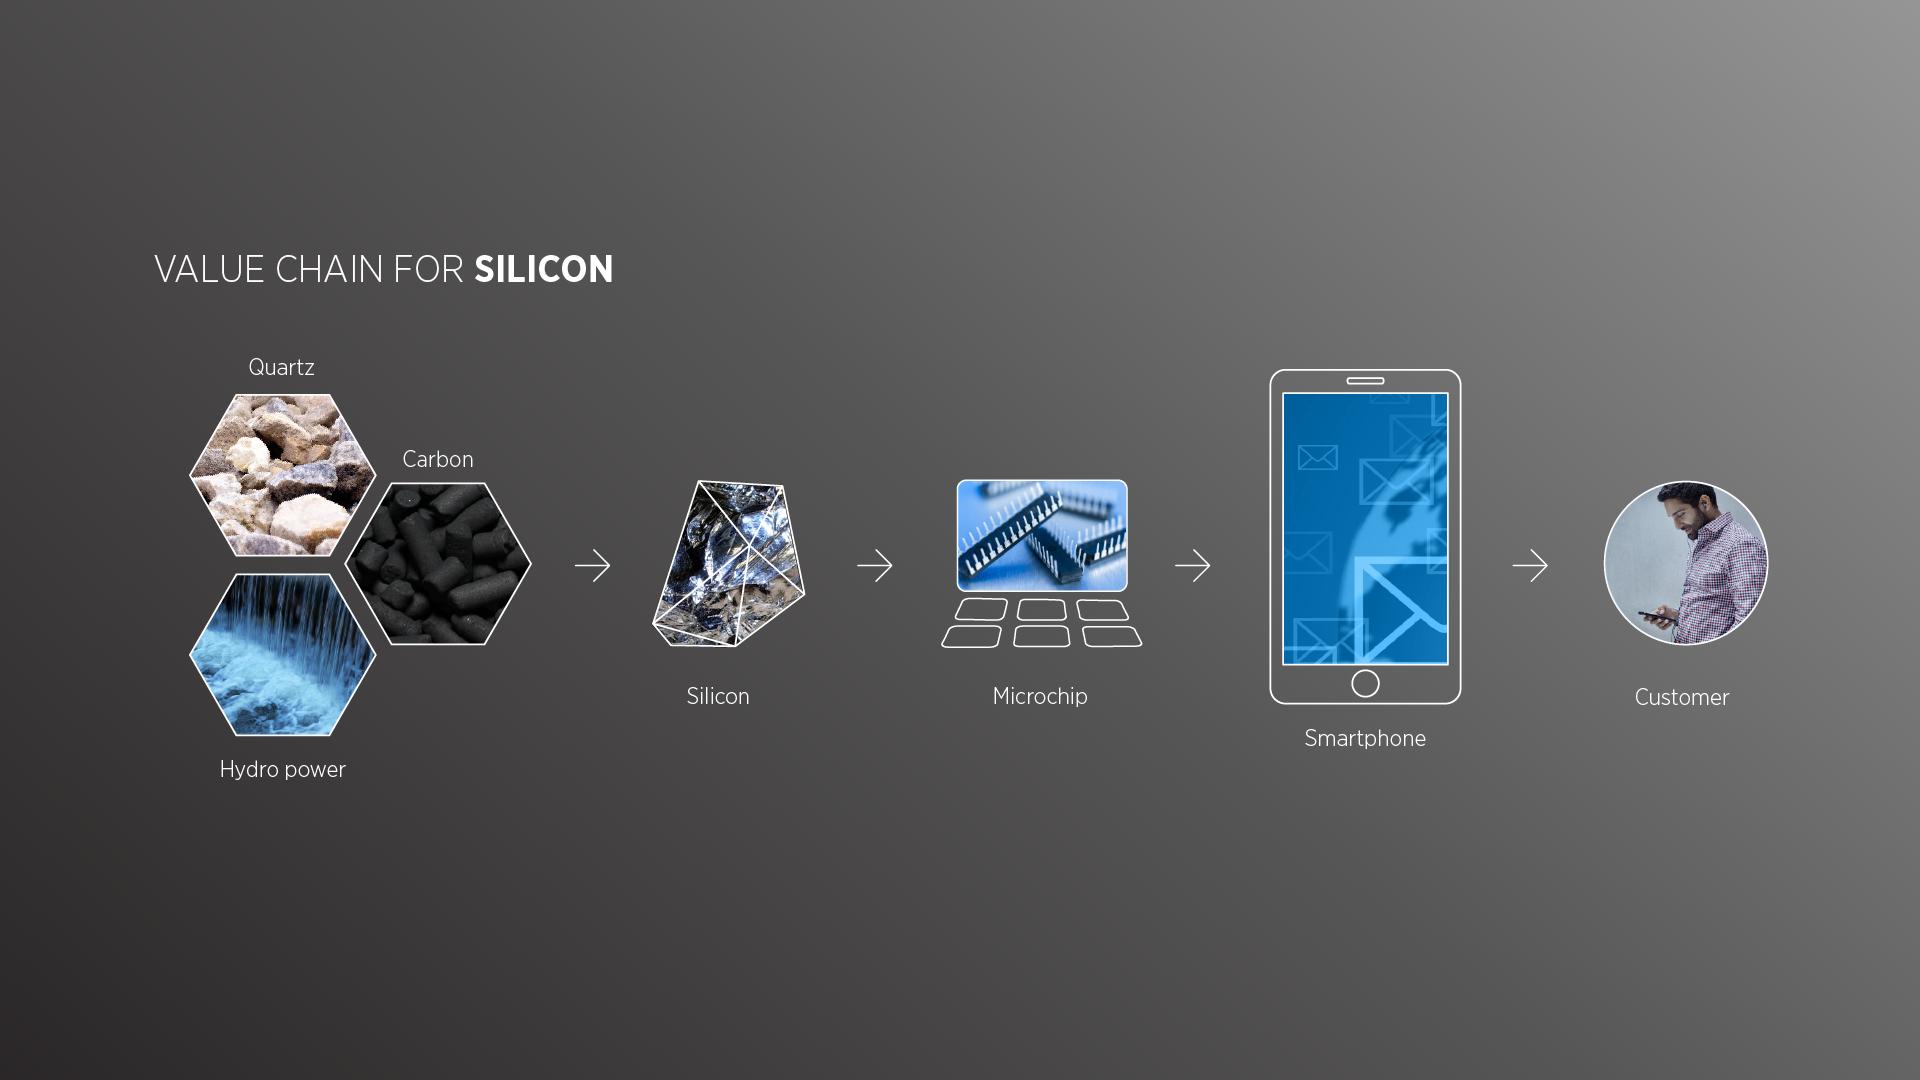 Elkem grafikk verdiskjede for silikon